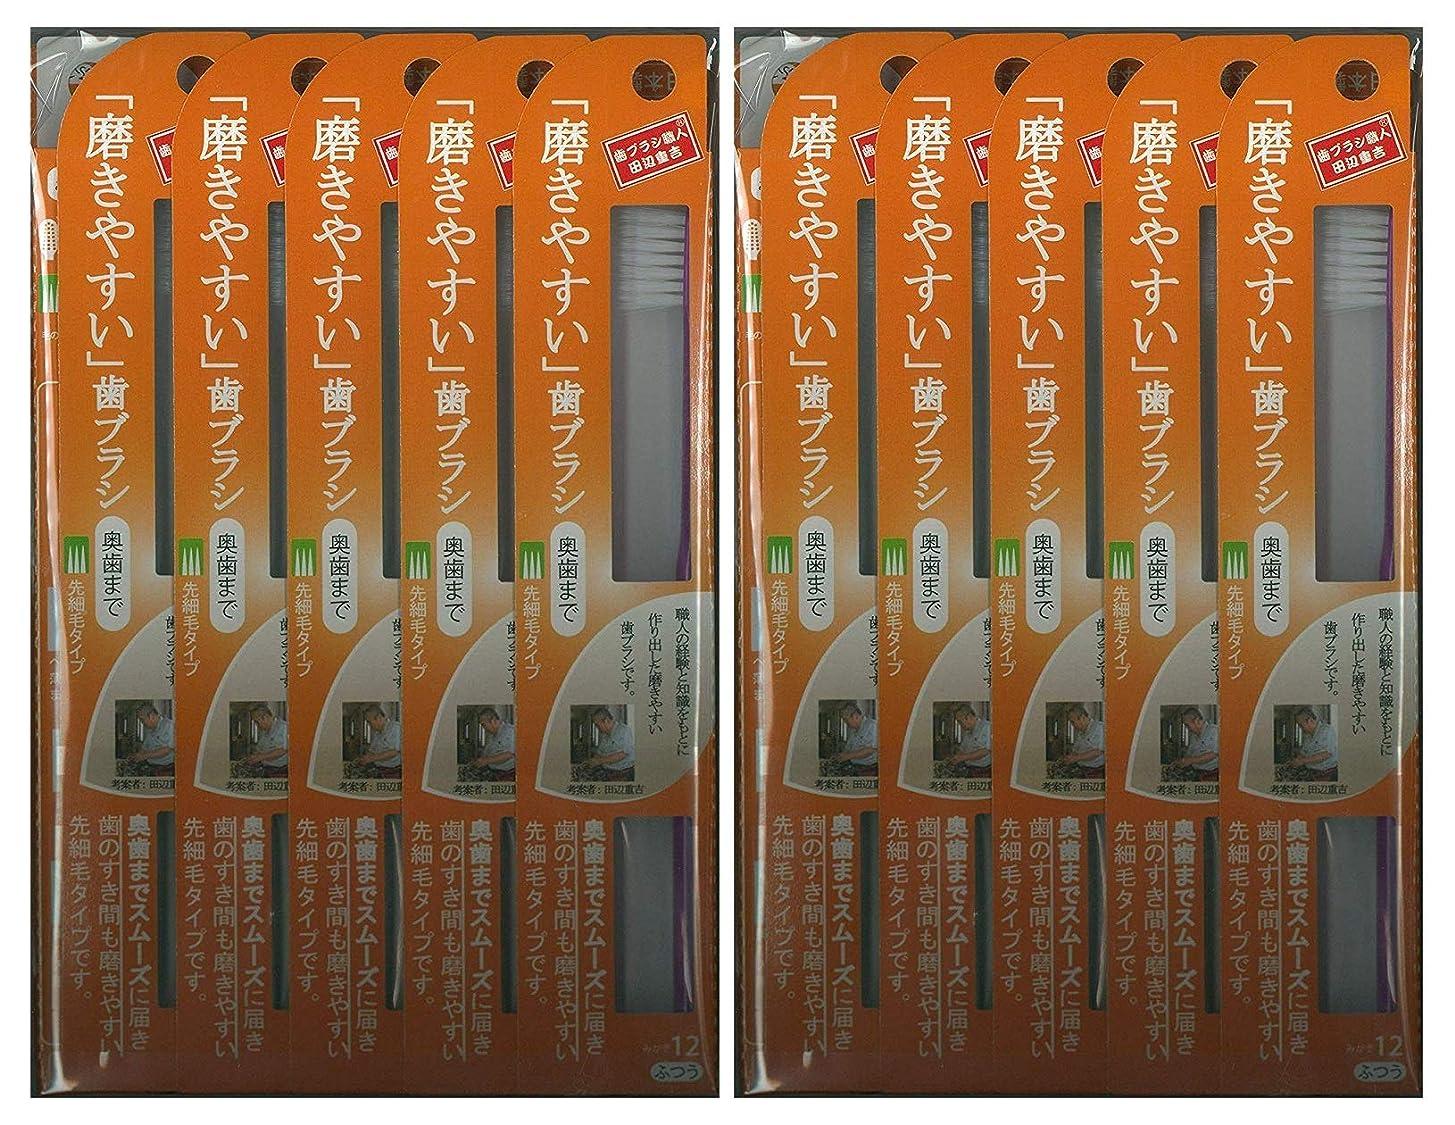 柱引き潮押し下げる歯ブラシ職人 田辺重吉考案 磨きやすい歯ブラシ ふつう (奥歯まで)先細 LT-12 1本入×24本セット